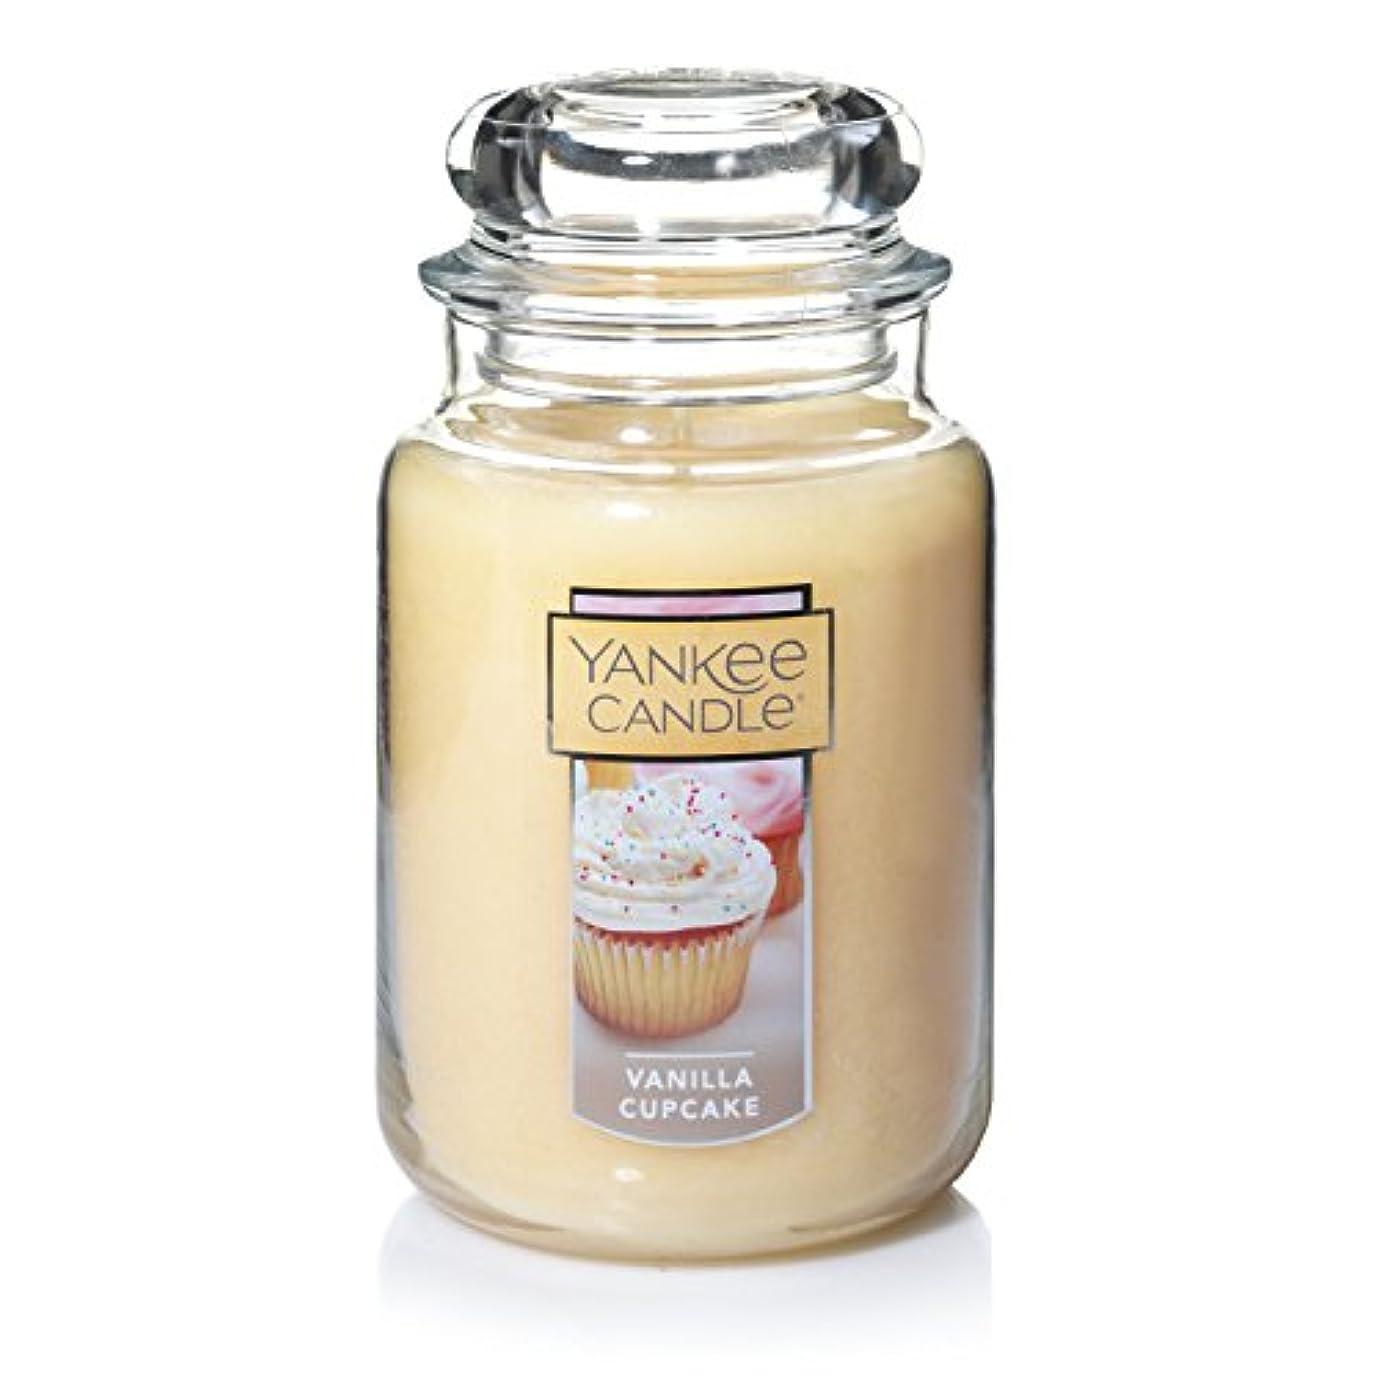 相談鉱夫絶え間ないYankee Candle Company Vanilla Cupcake Large Jar Candle by Yankee Candle